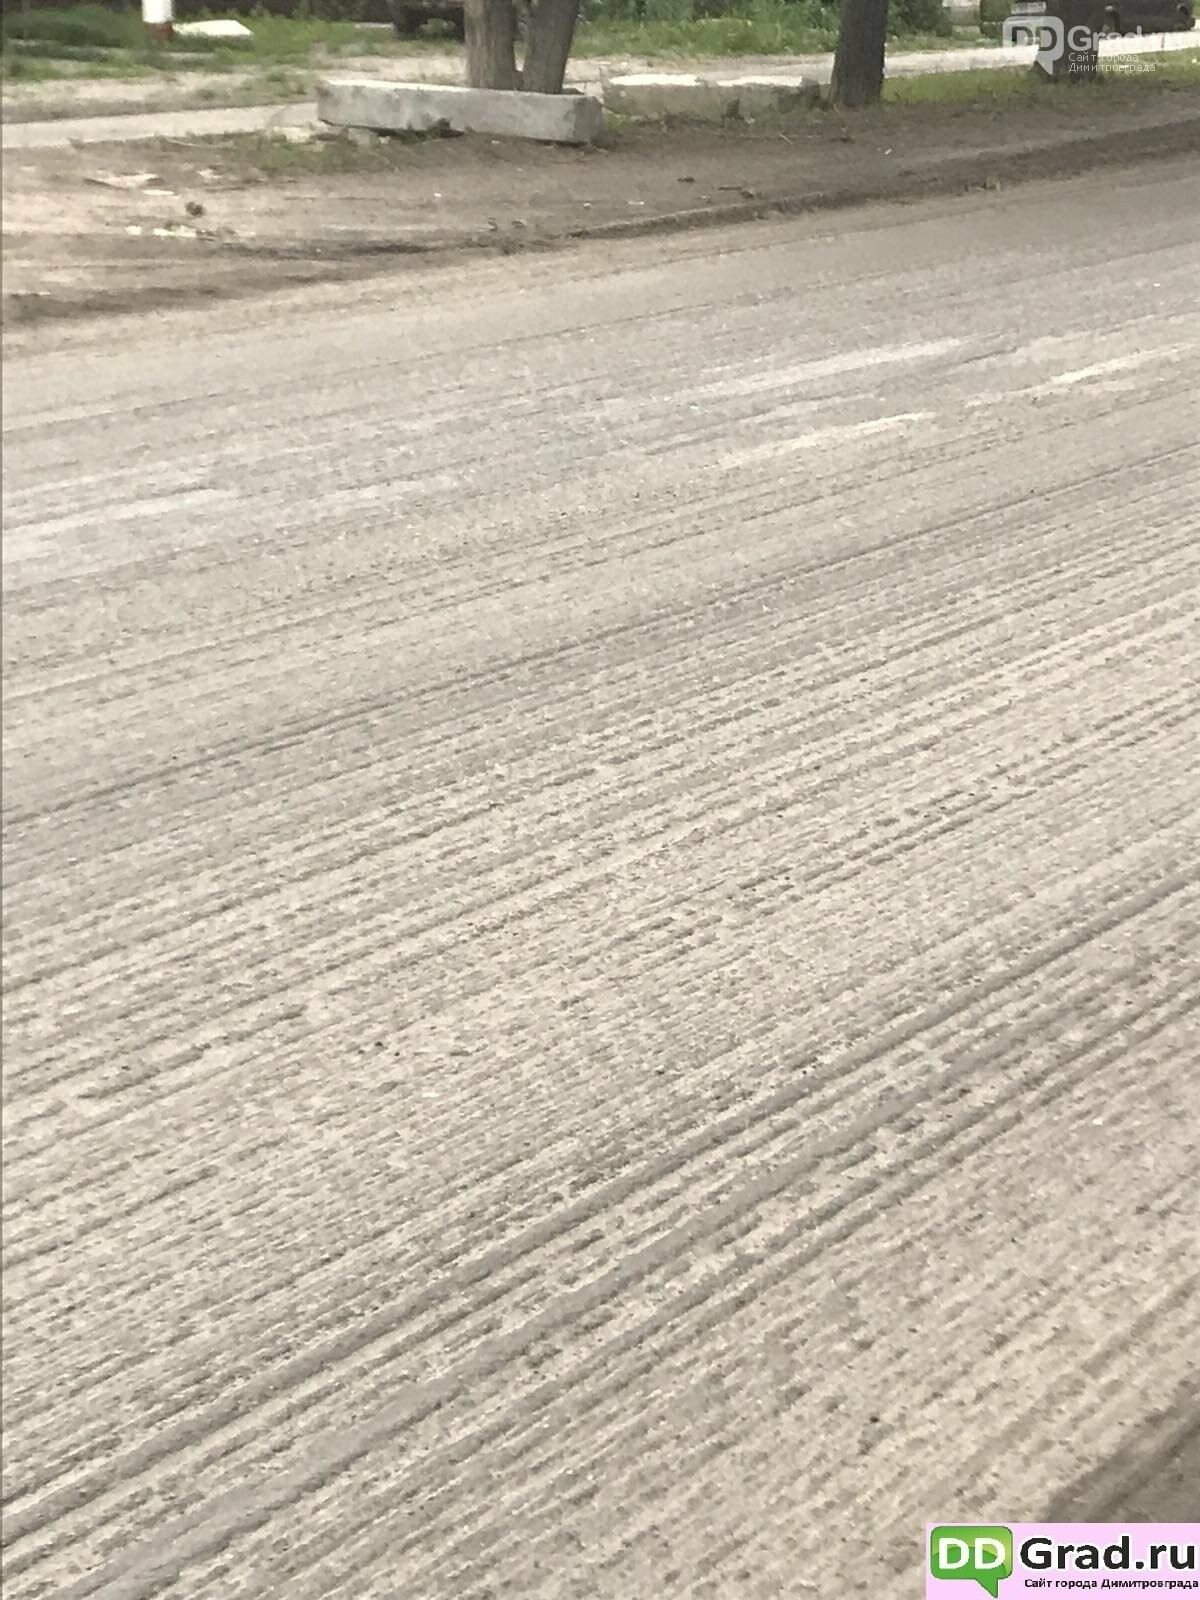 Эх, дороги... Пыль да туман... В Димитровграде начался ремонт дорог, фото-4